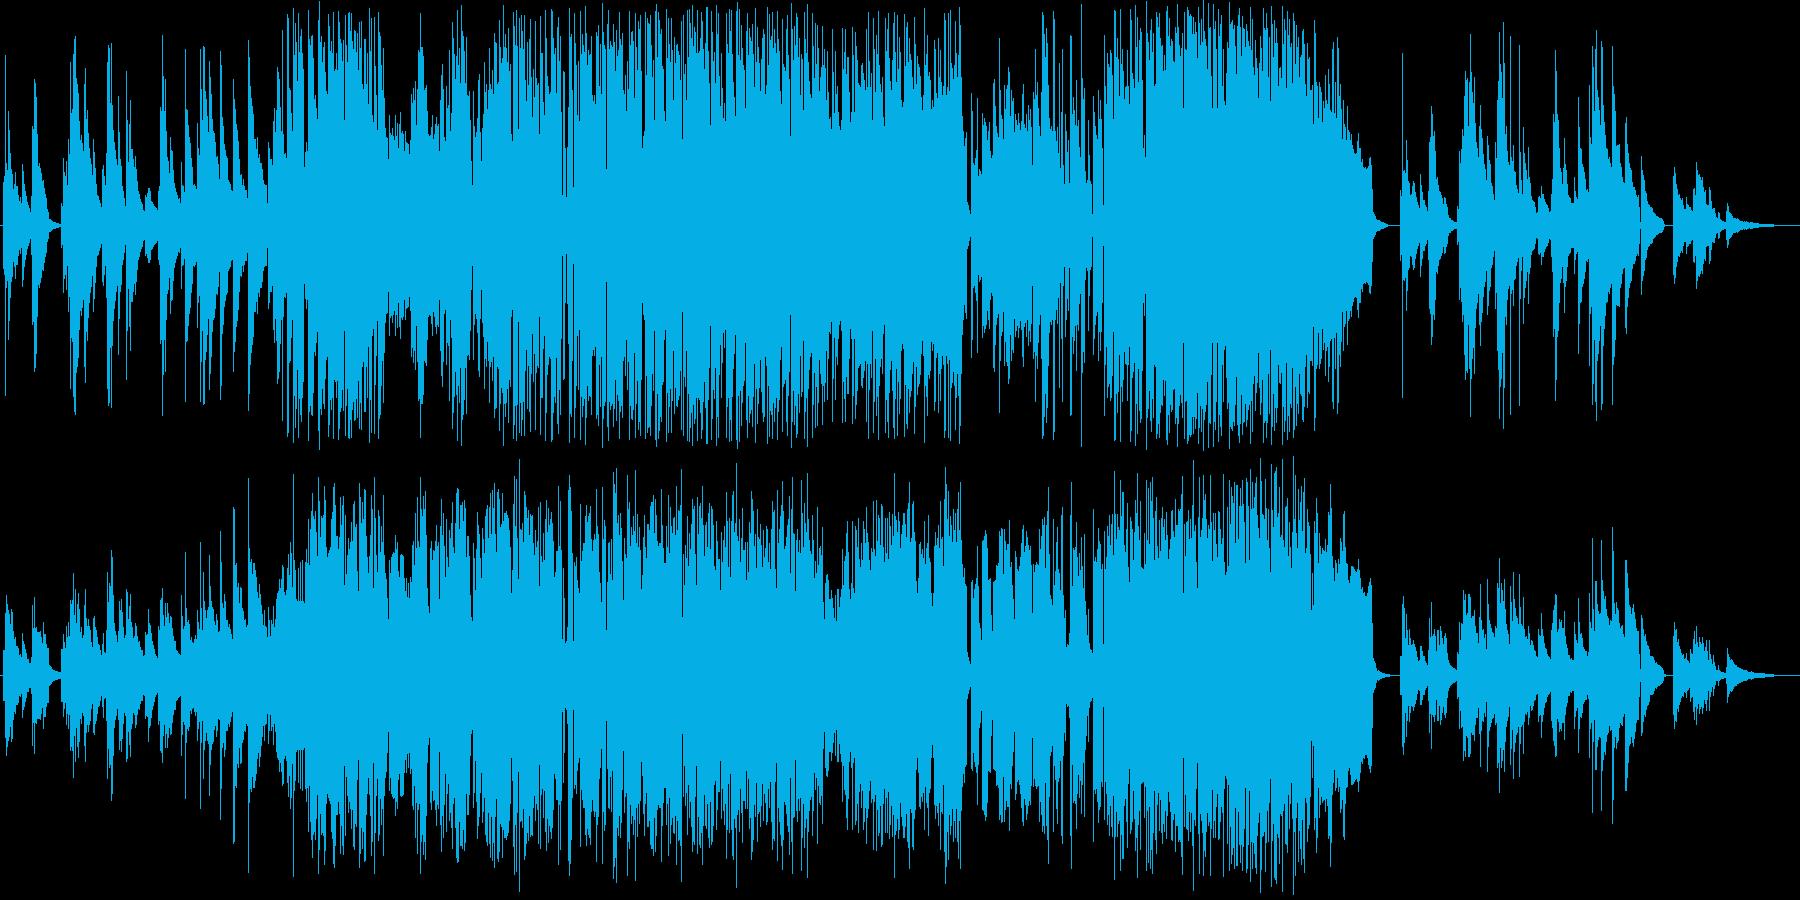 ノリの良い和風ジャズの再生済みの波形